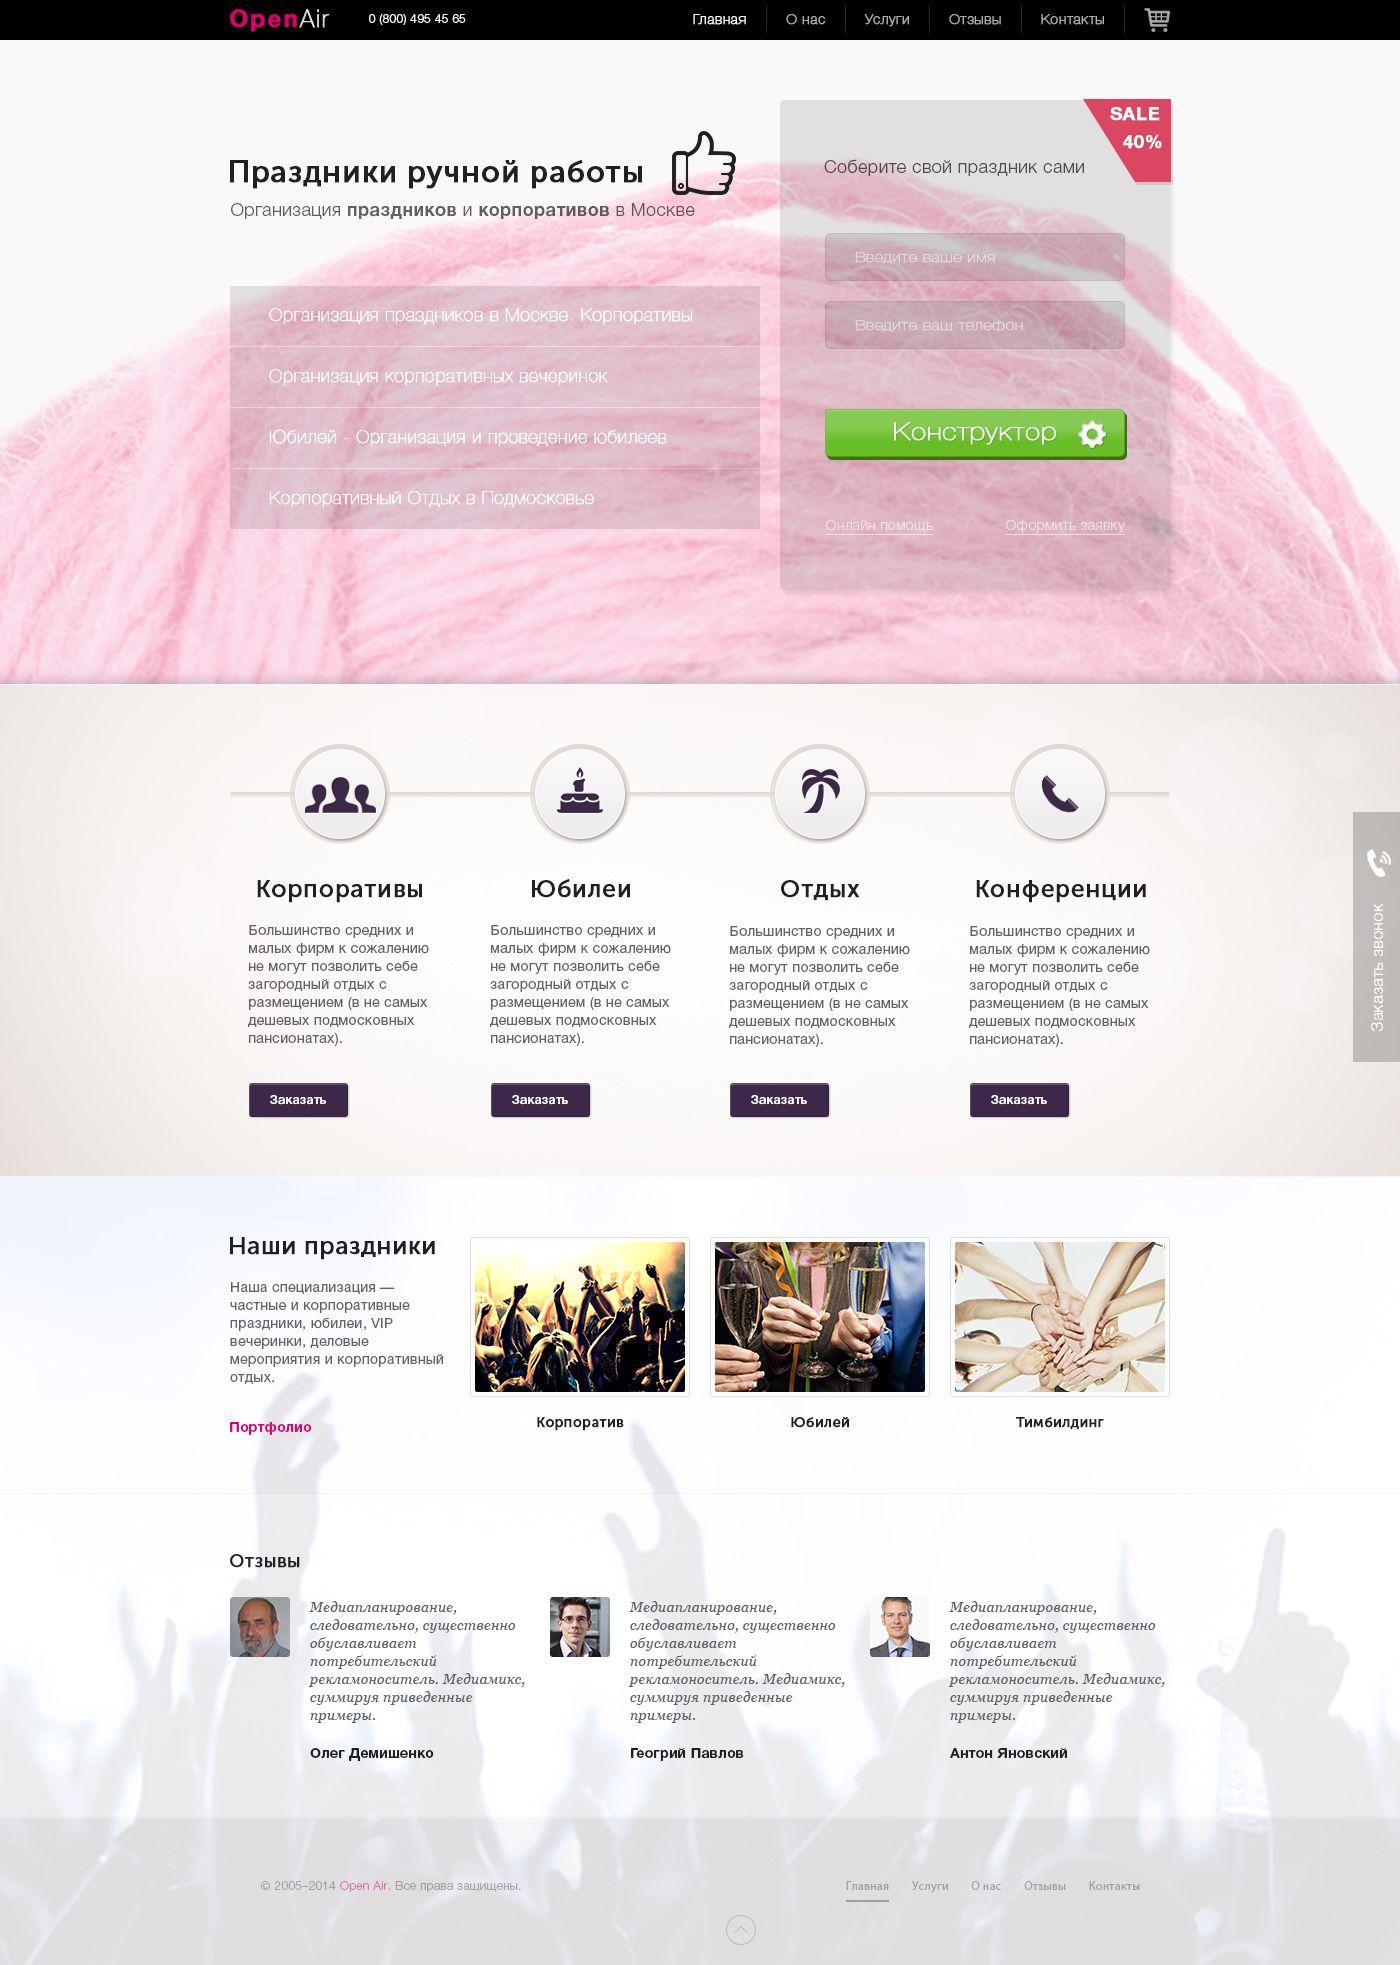 Сайт - организация праздников - дизайнер Kompaneets_Dsgn